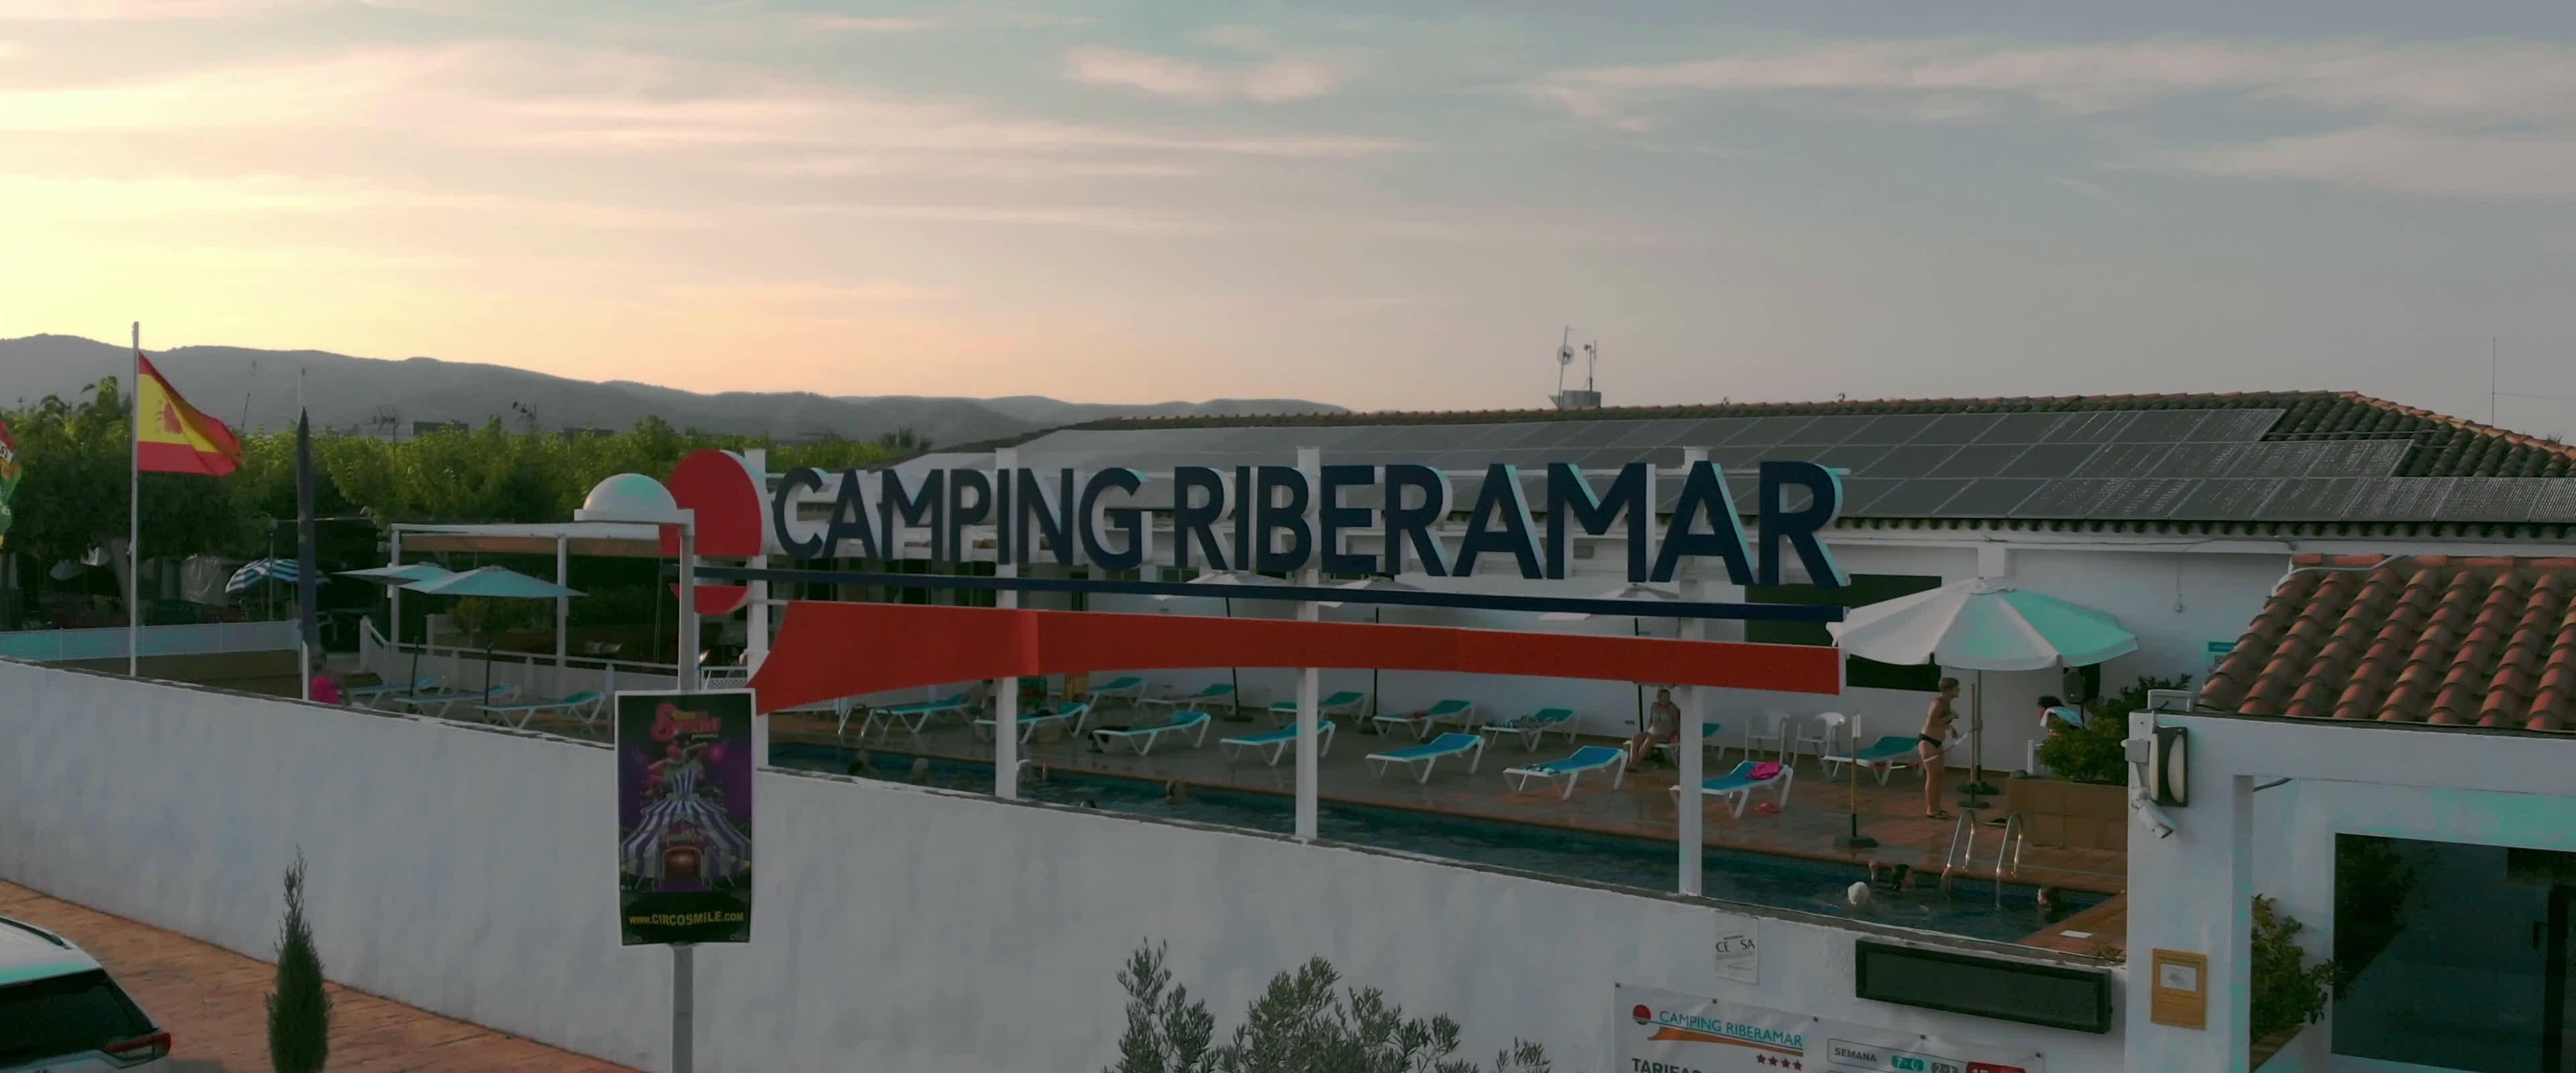 RIBERAMAR